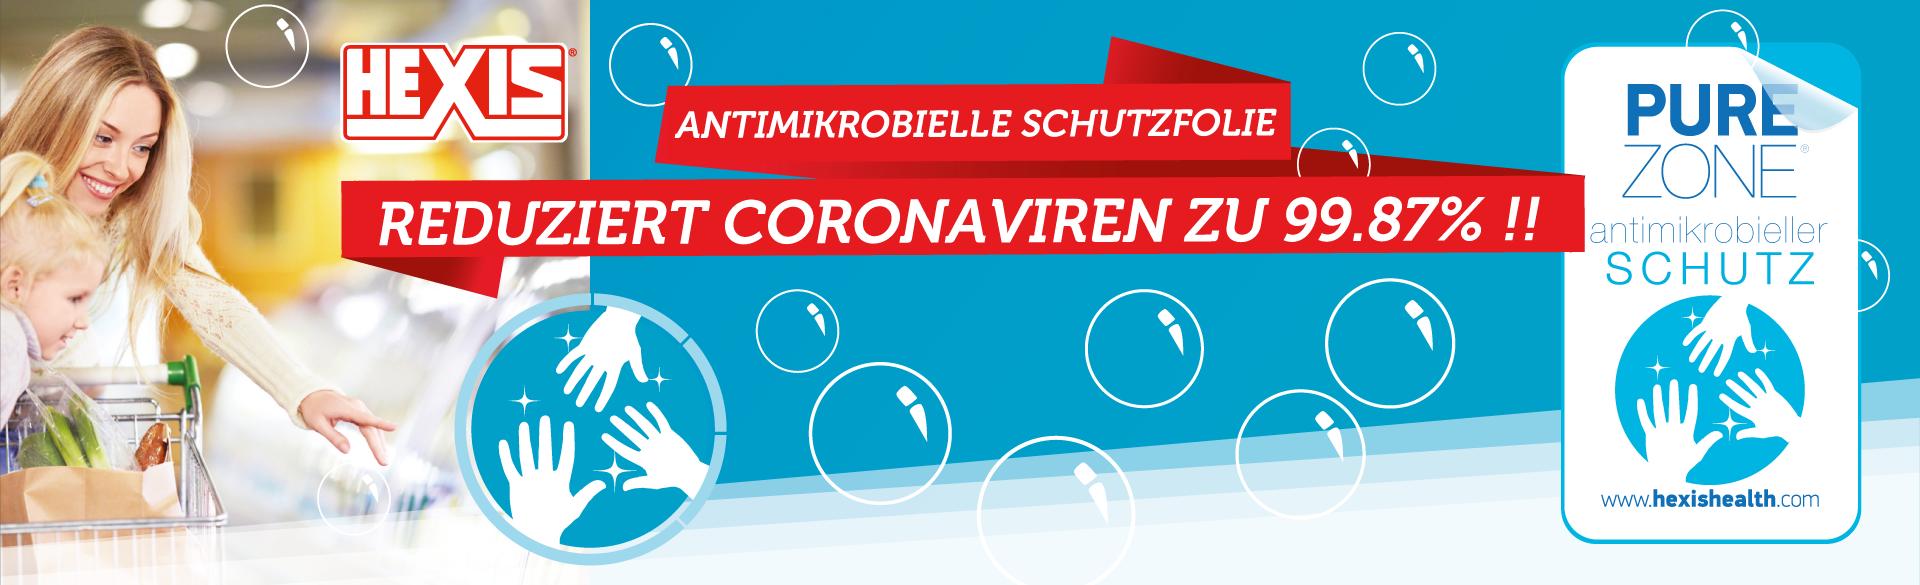 Antimikrobielle Schutzfolie